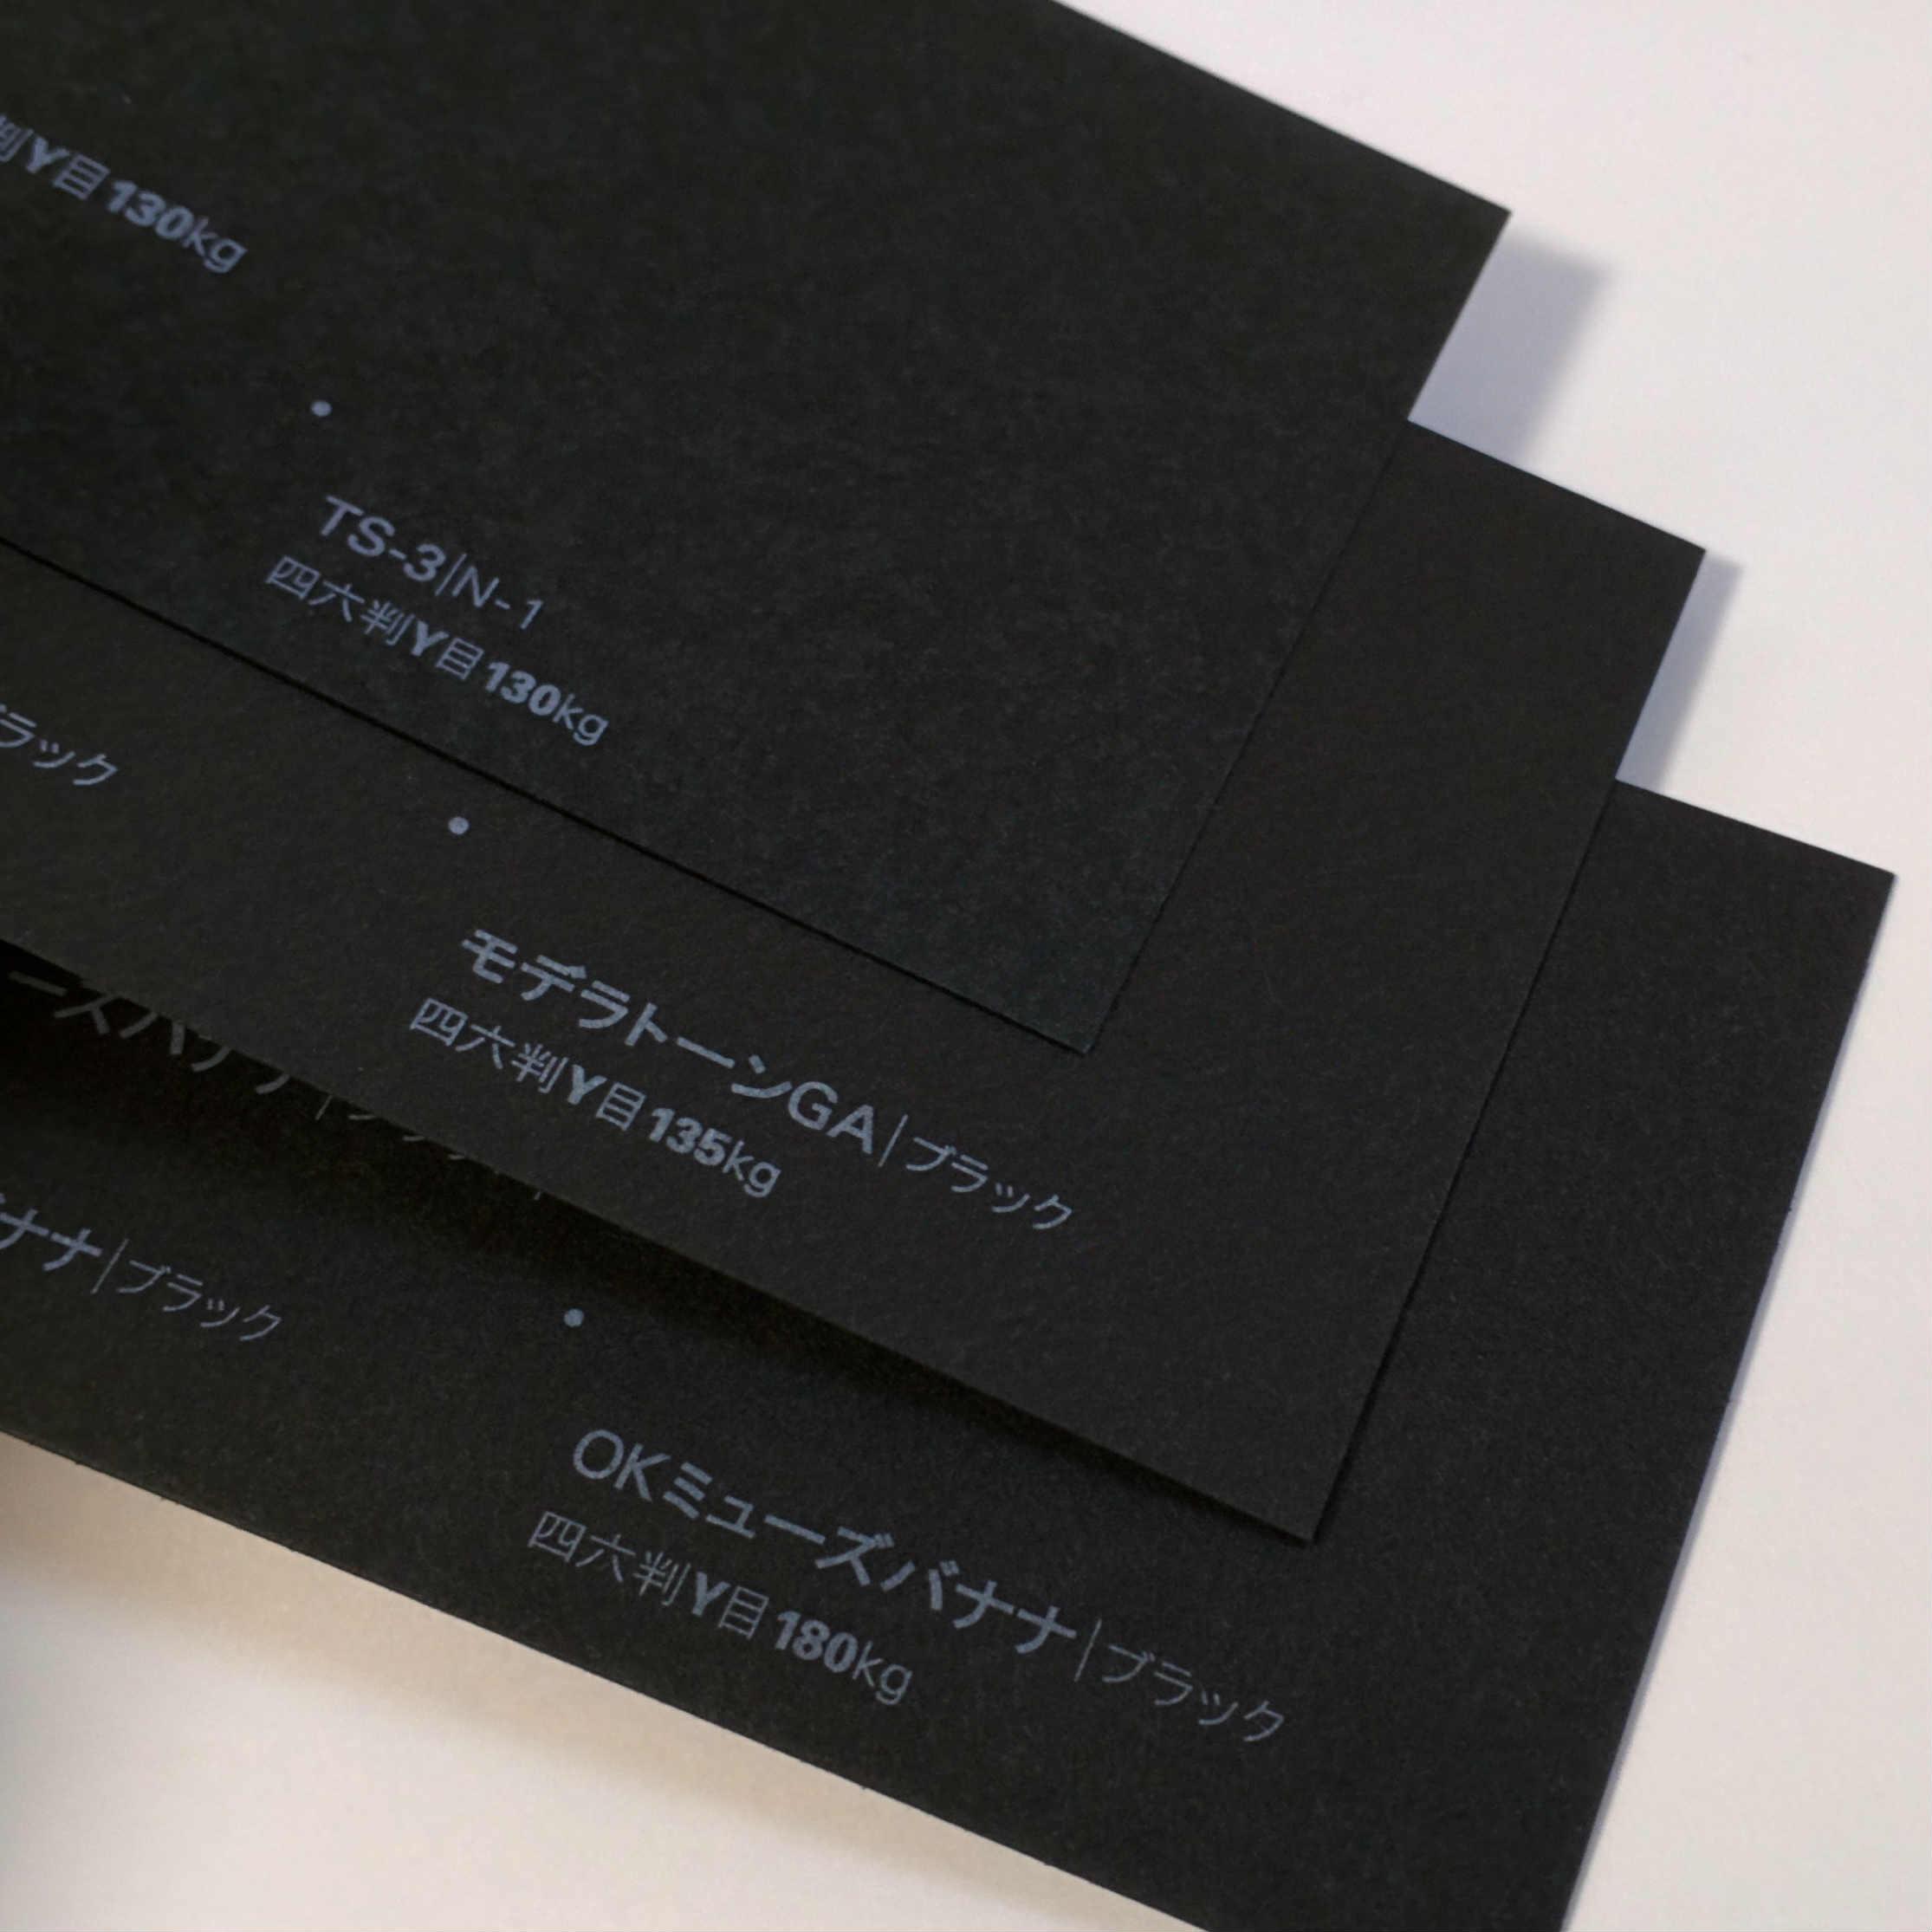 黒い紙・印刷の紙箱を製作する際の注意点